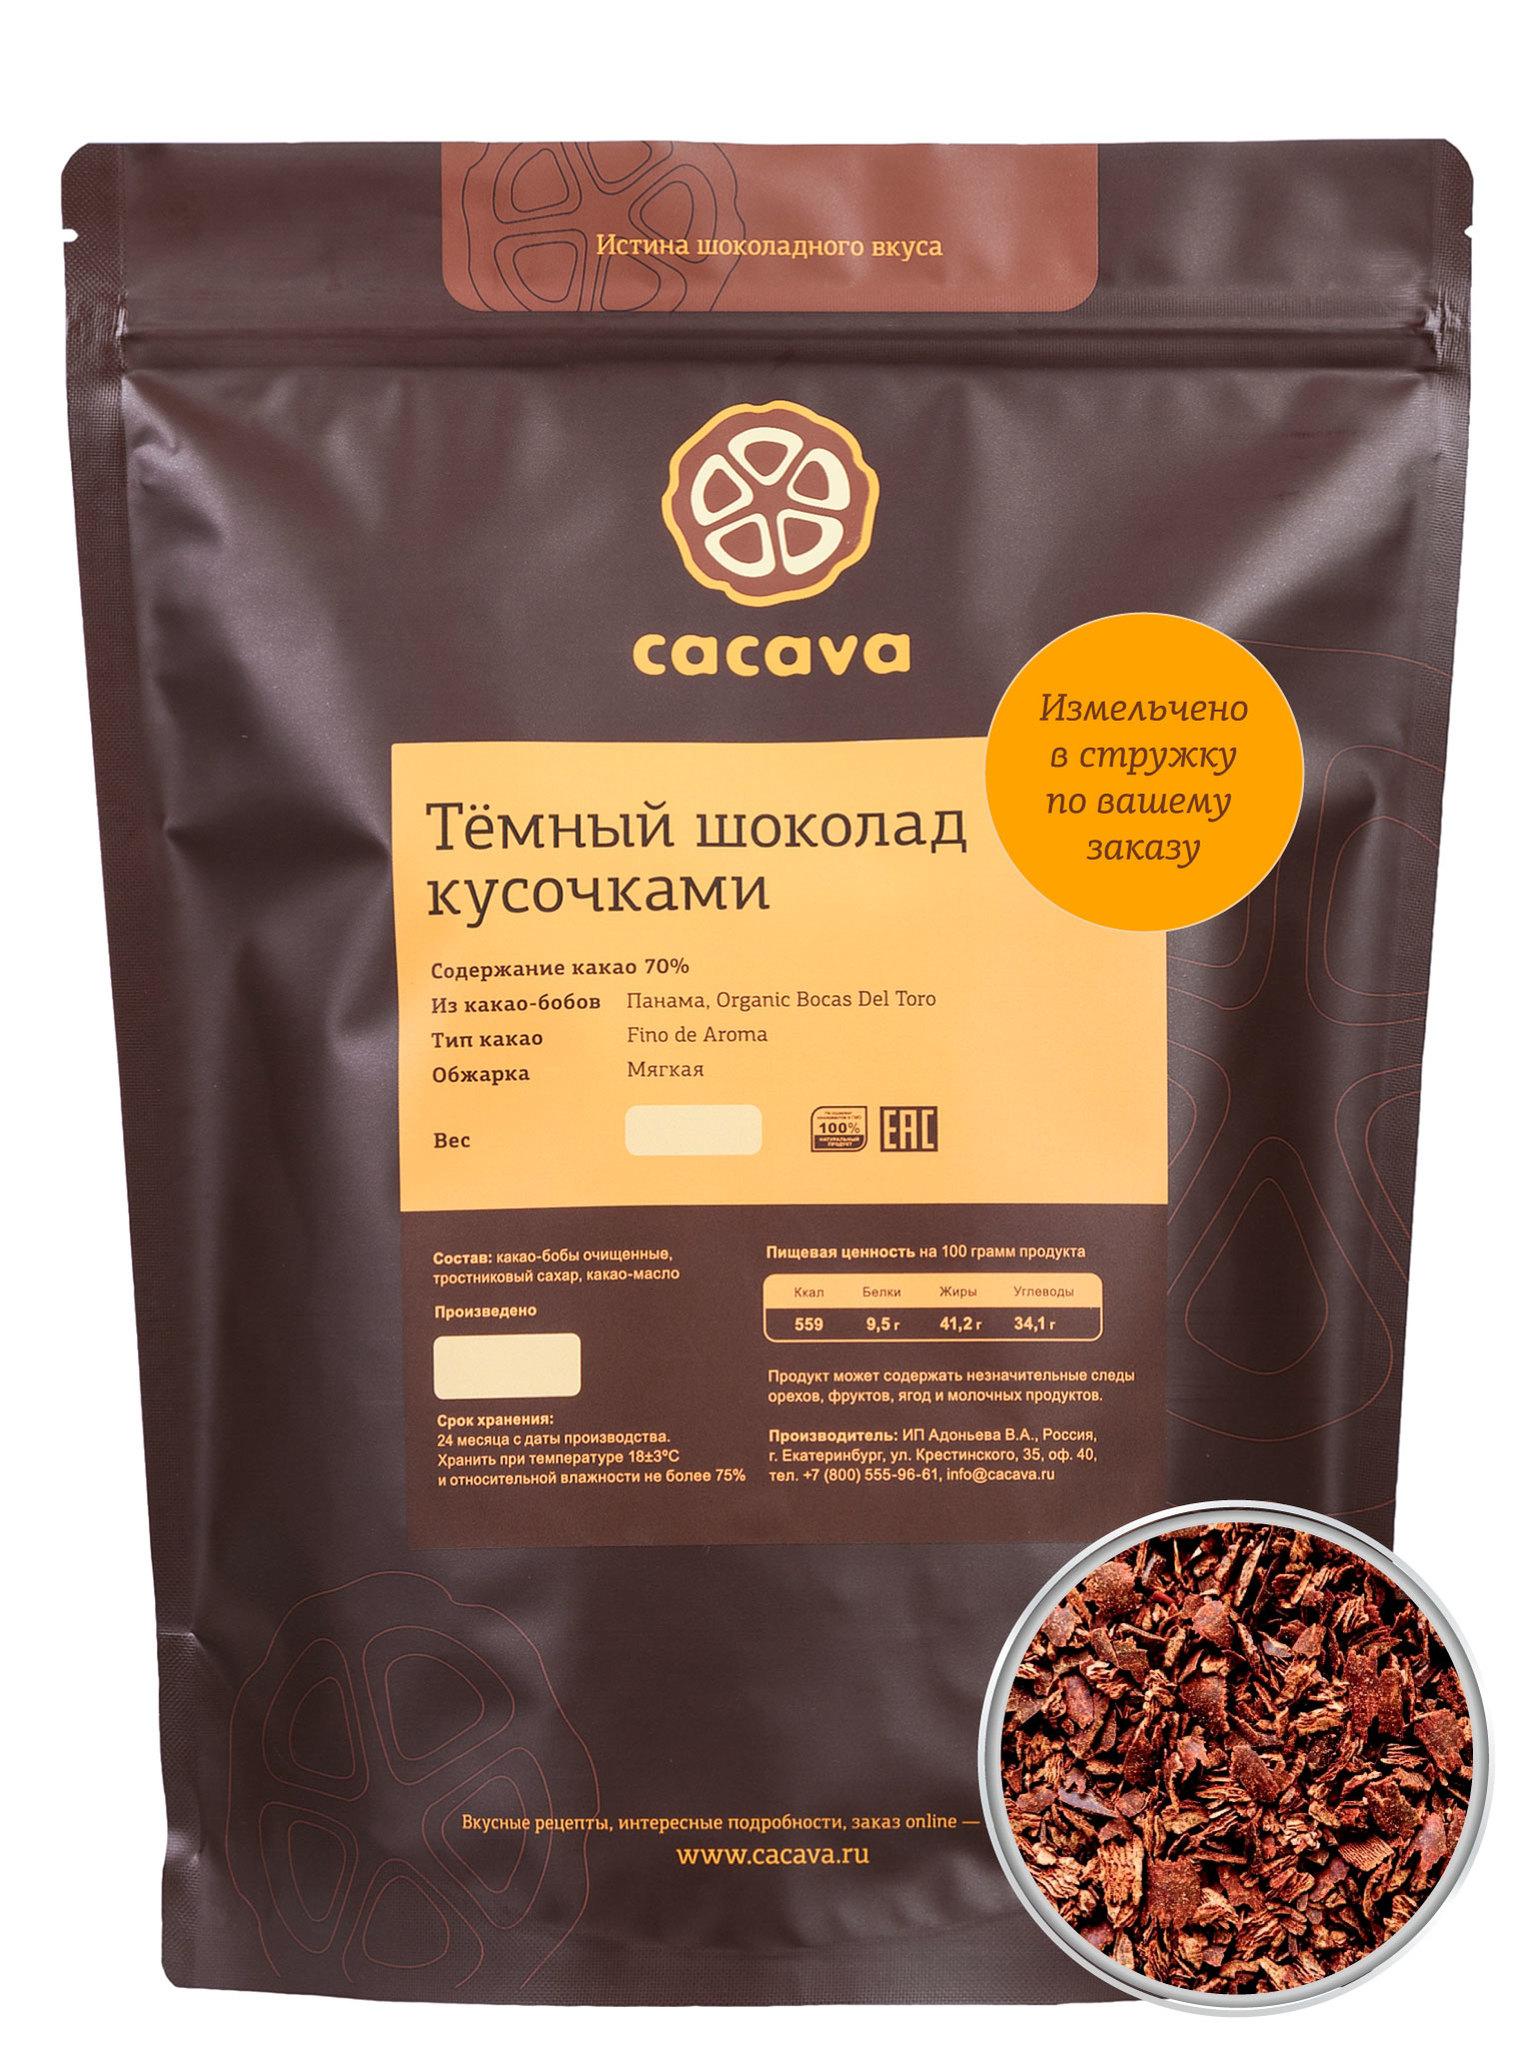 Тёмный шоколад 70 % какао с стружке (Панама), упаковка 1 кг